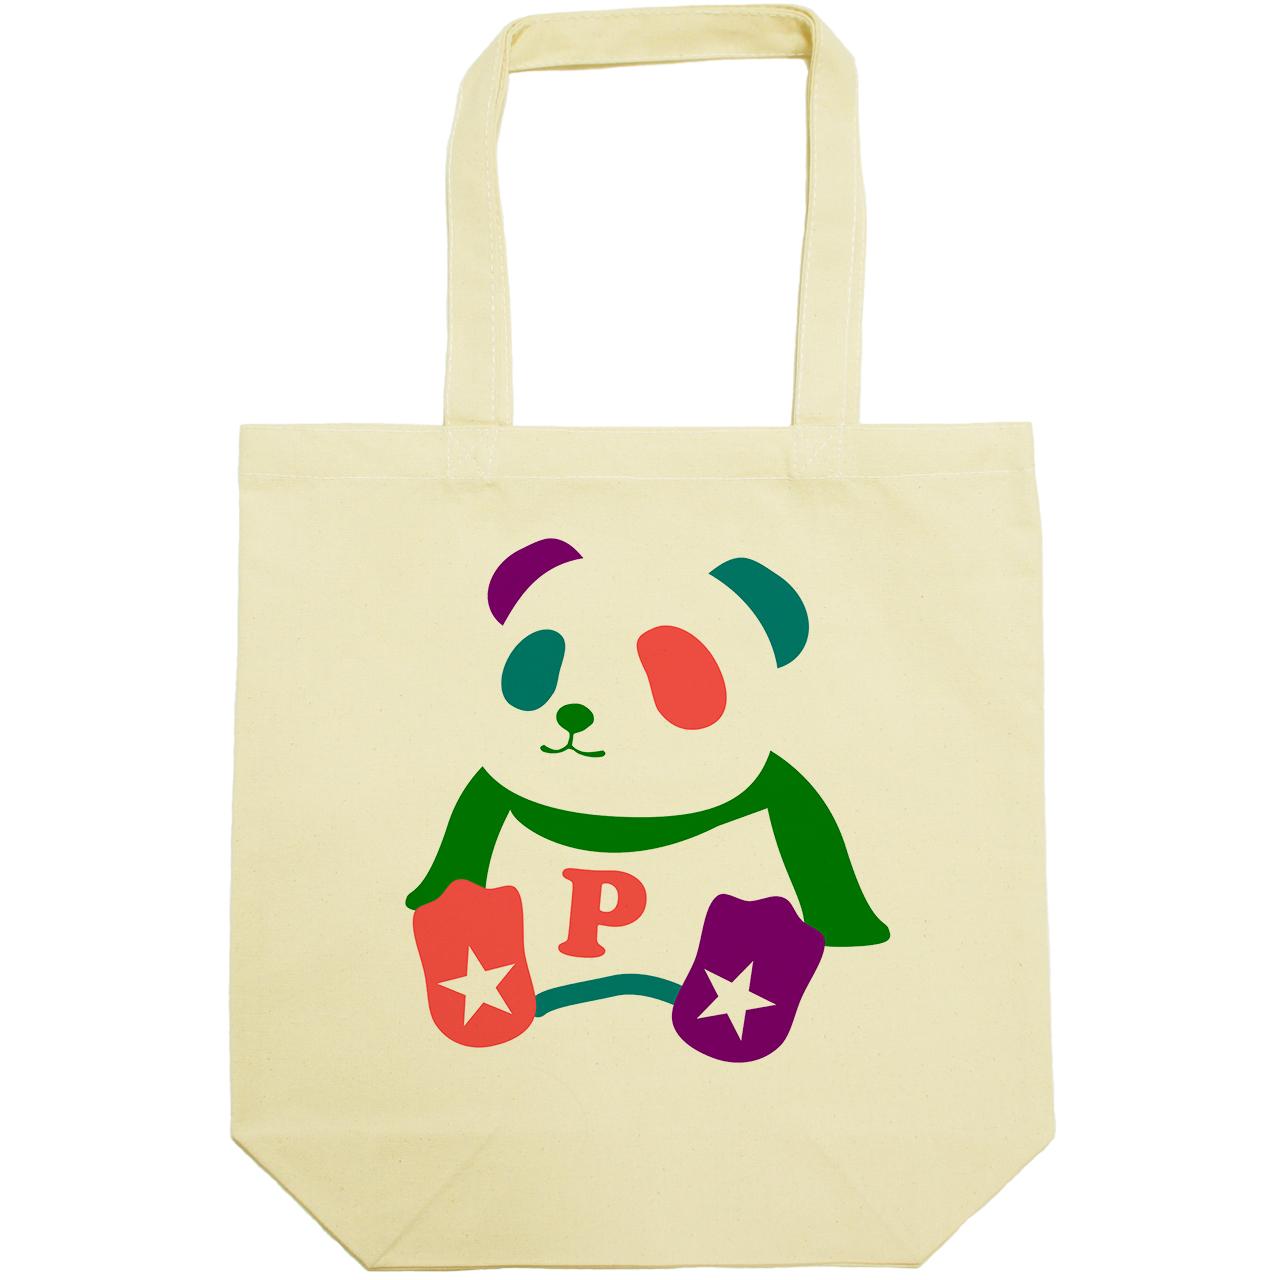 ColorPanda(キャンバストートバッグ)(くもまる)